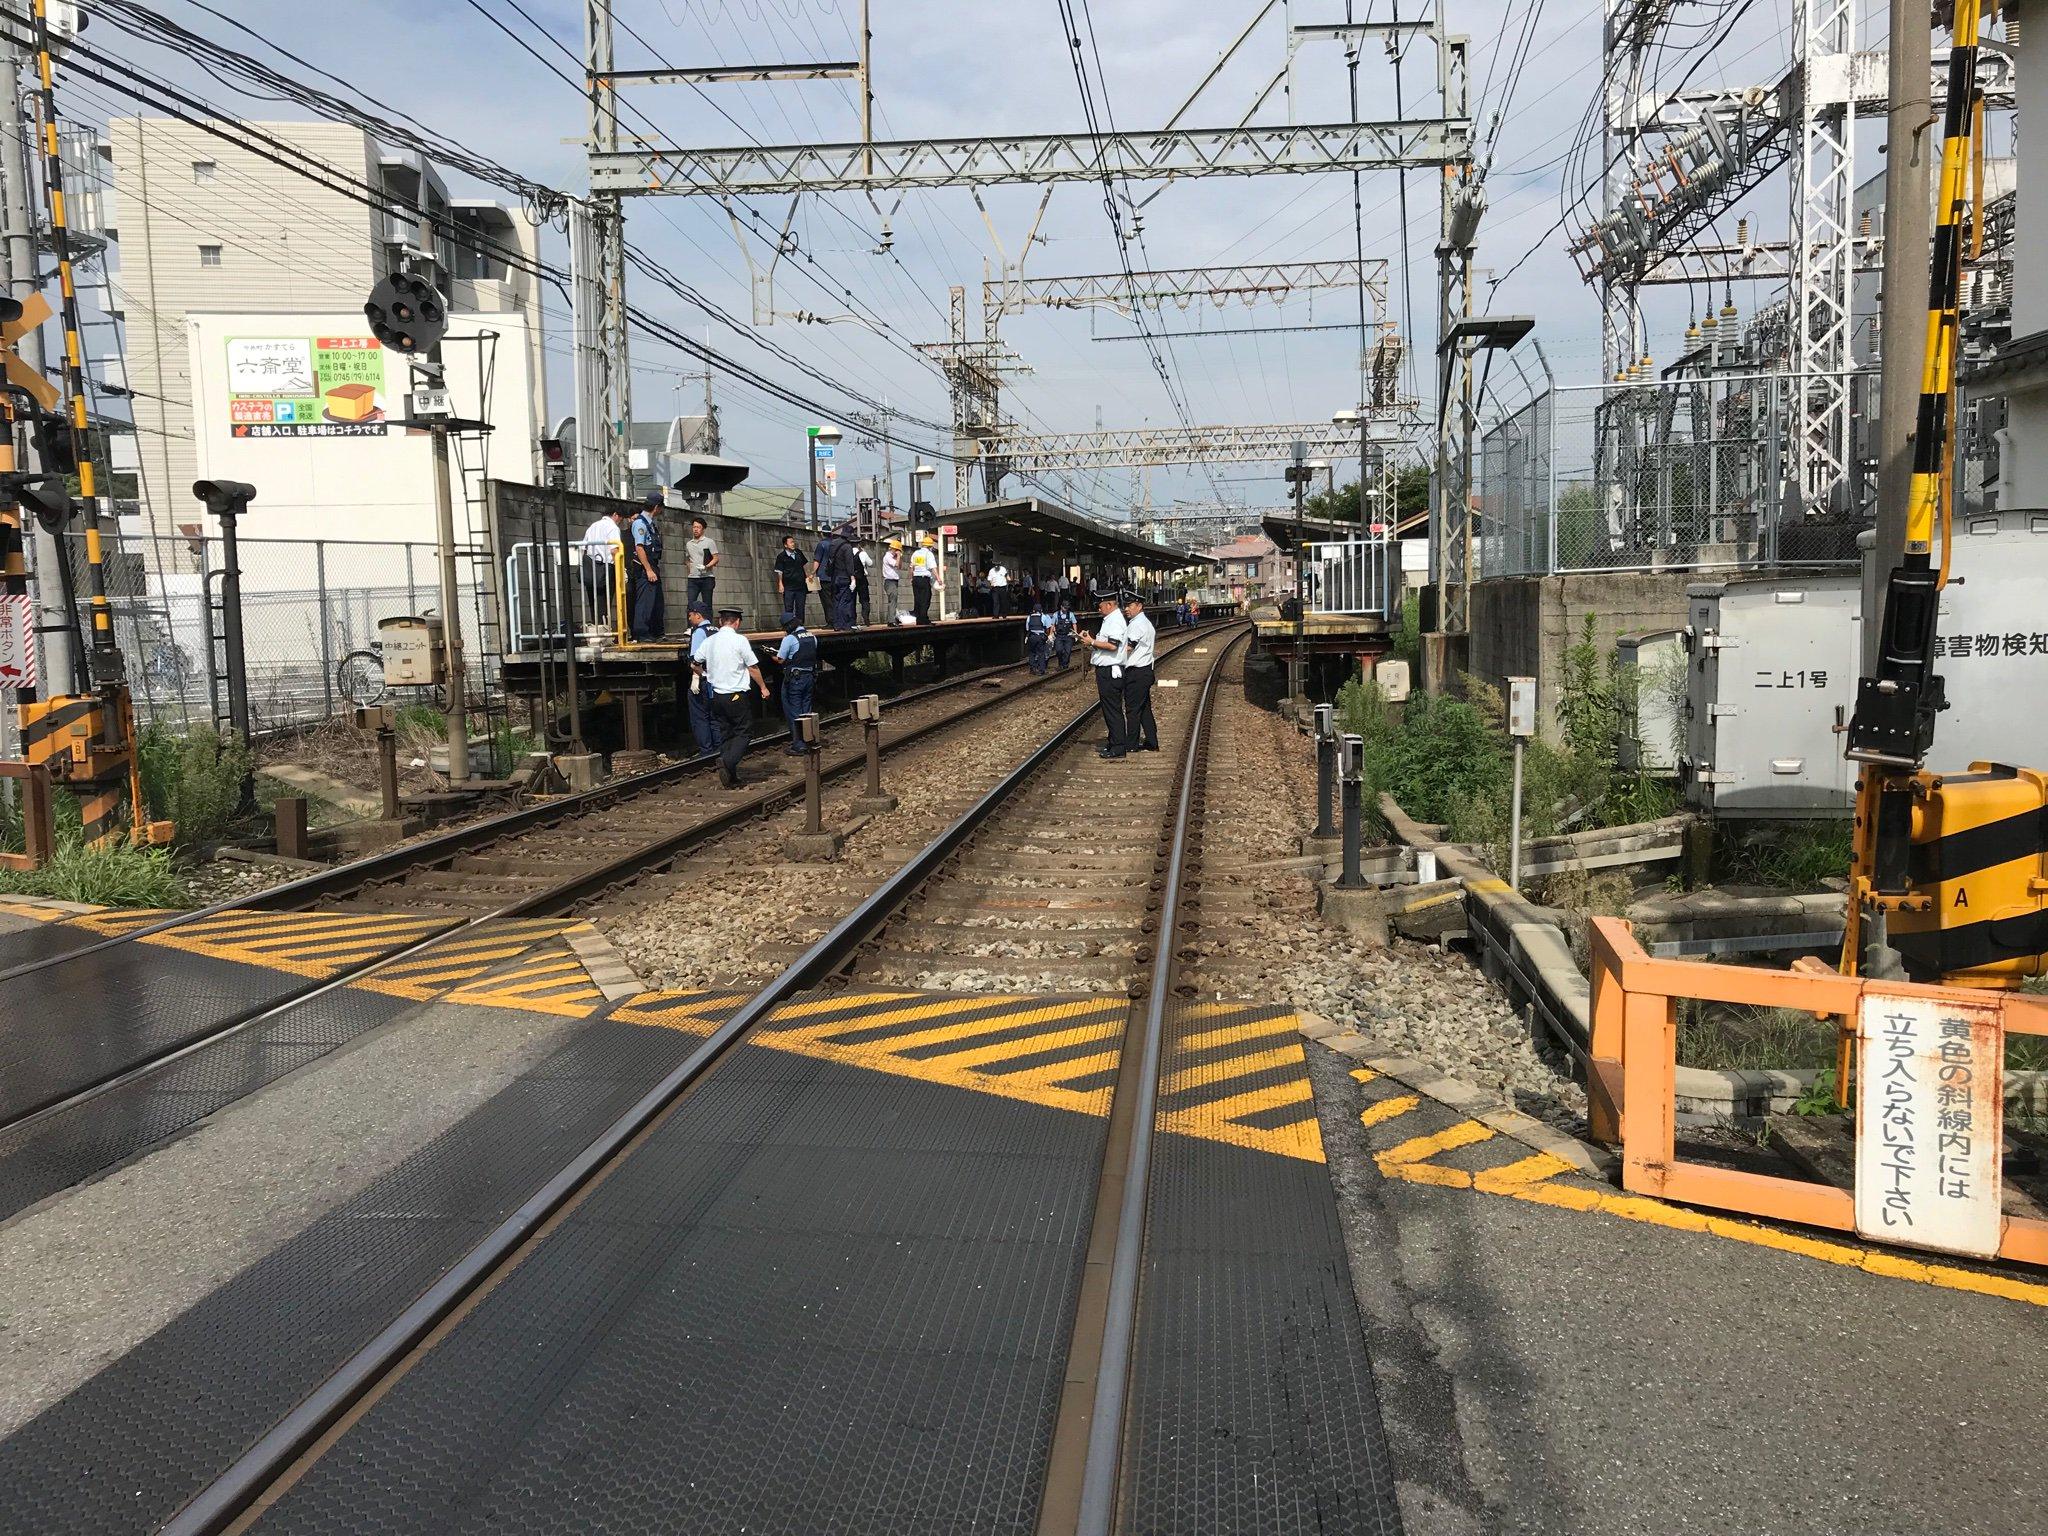 二上駅の人身事故で警察官らが現場検証している画像